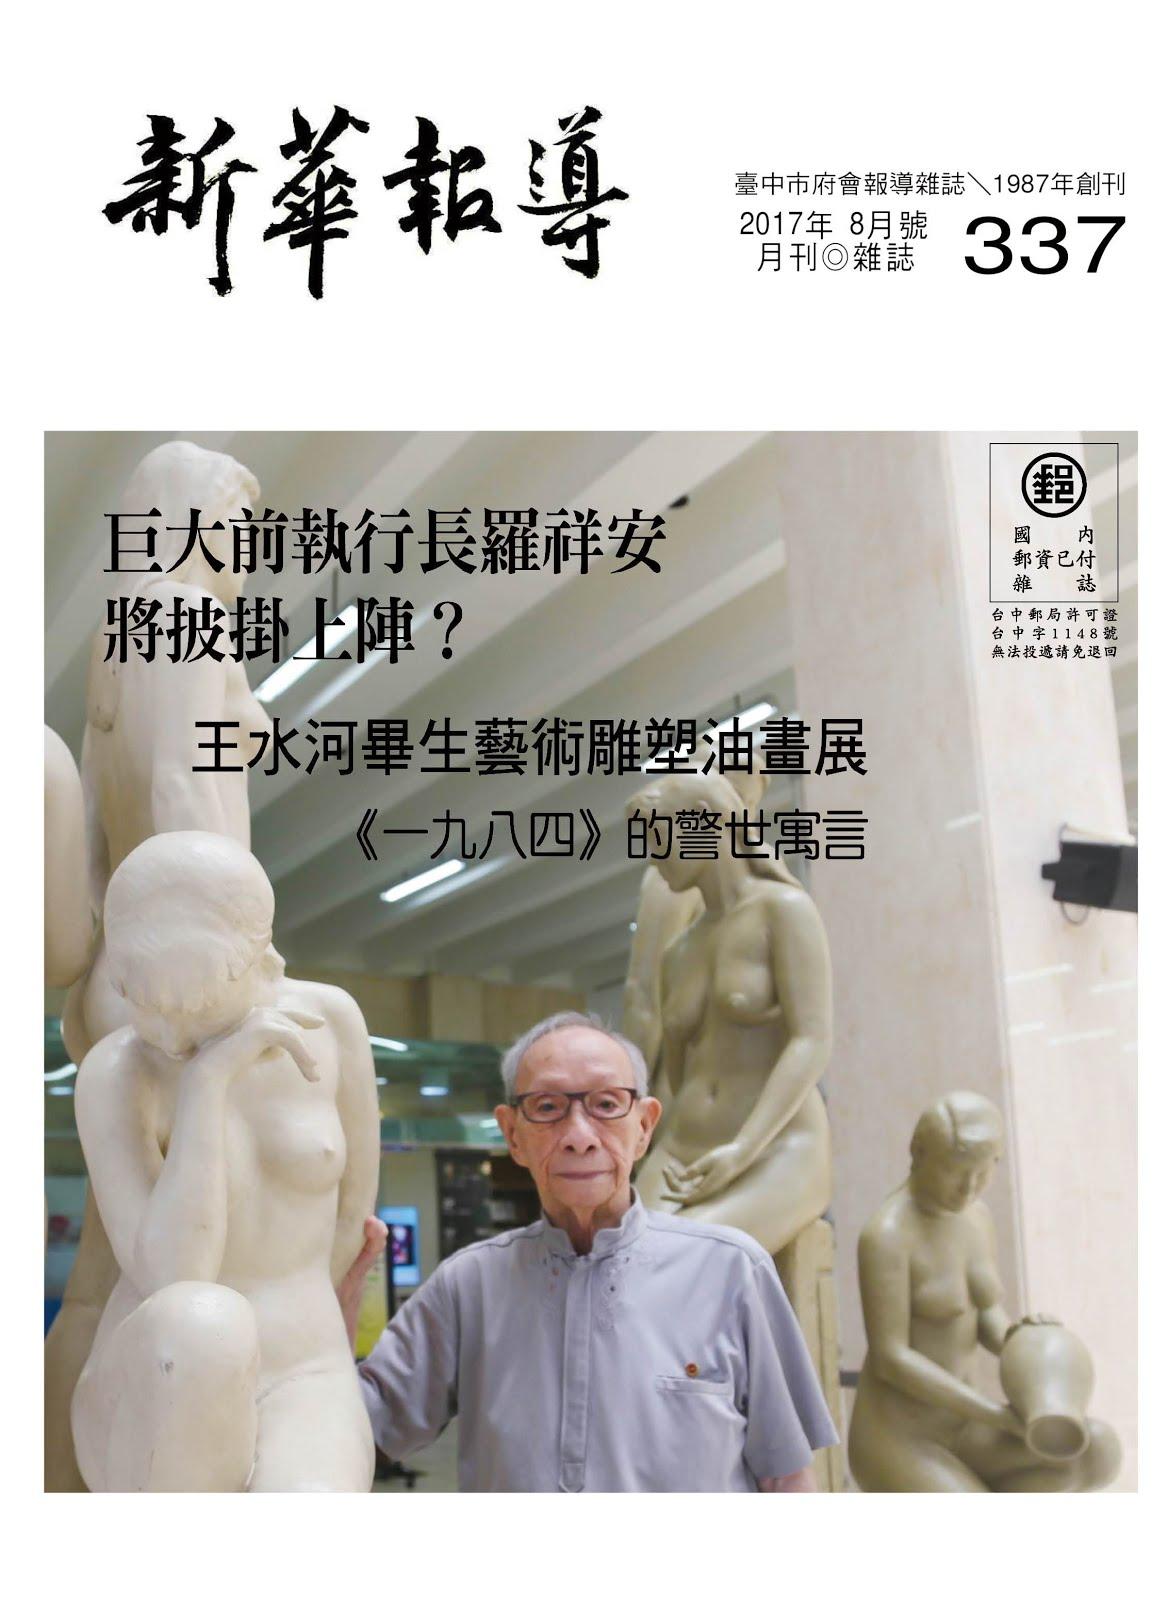 新華報導2017年8月號第337期